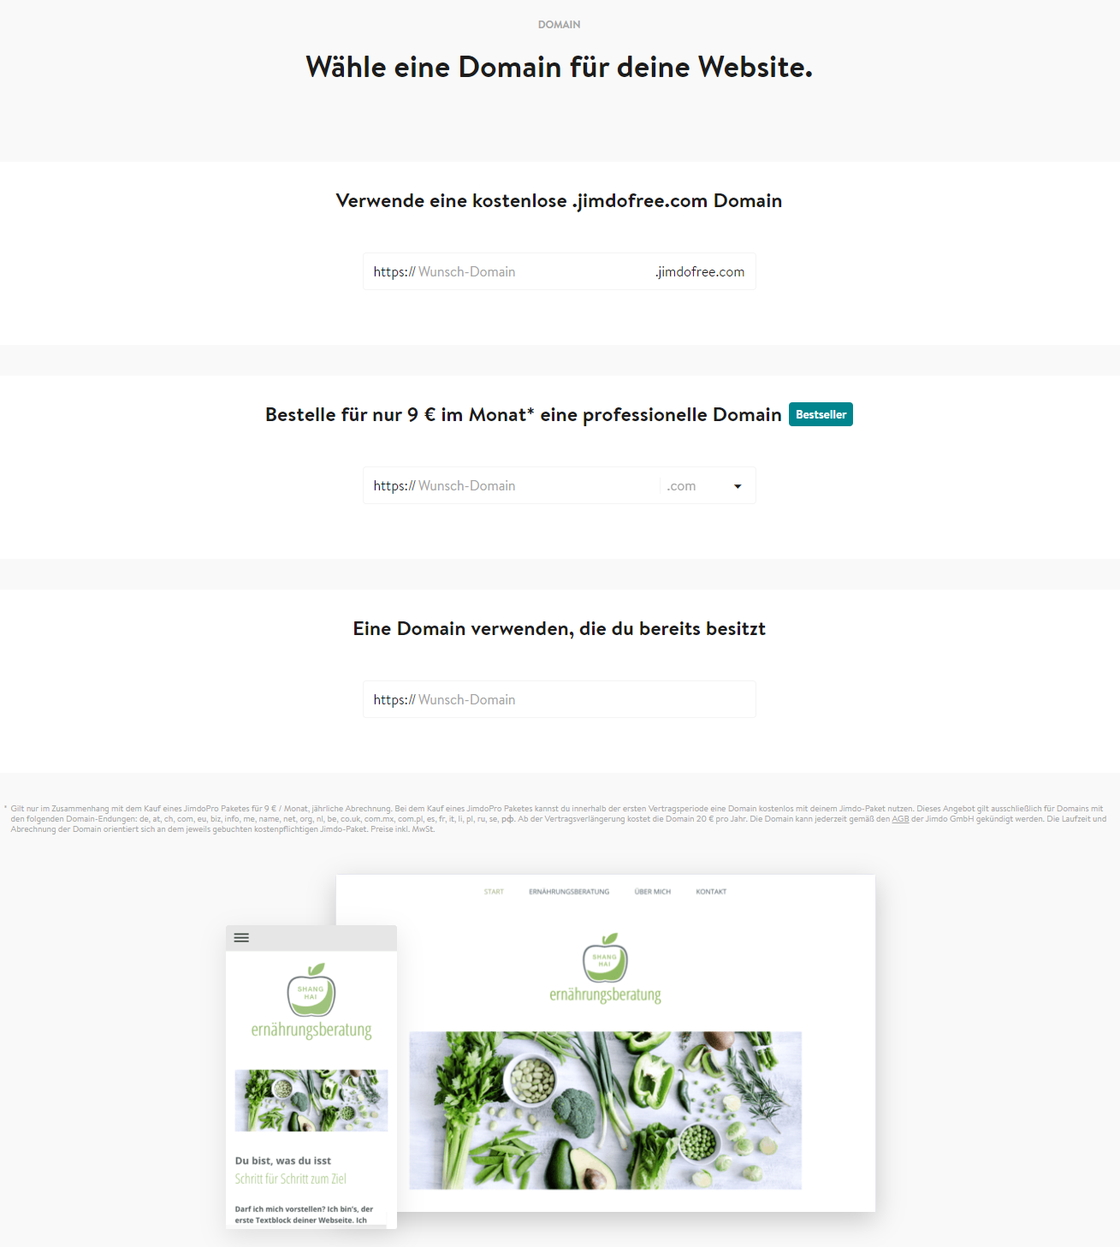 BILD 7: JIMDO Wähle eine Domain für deine Webseite